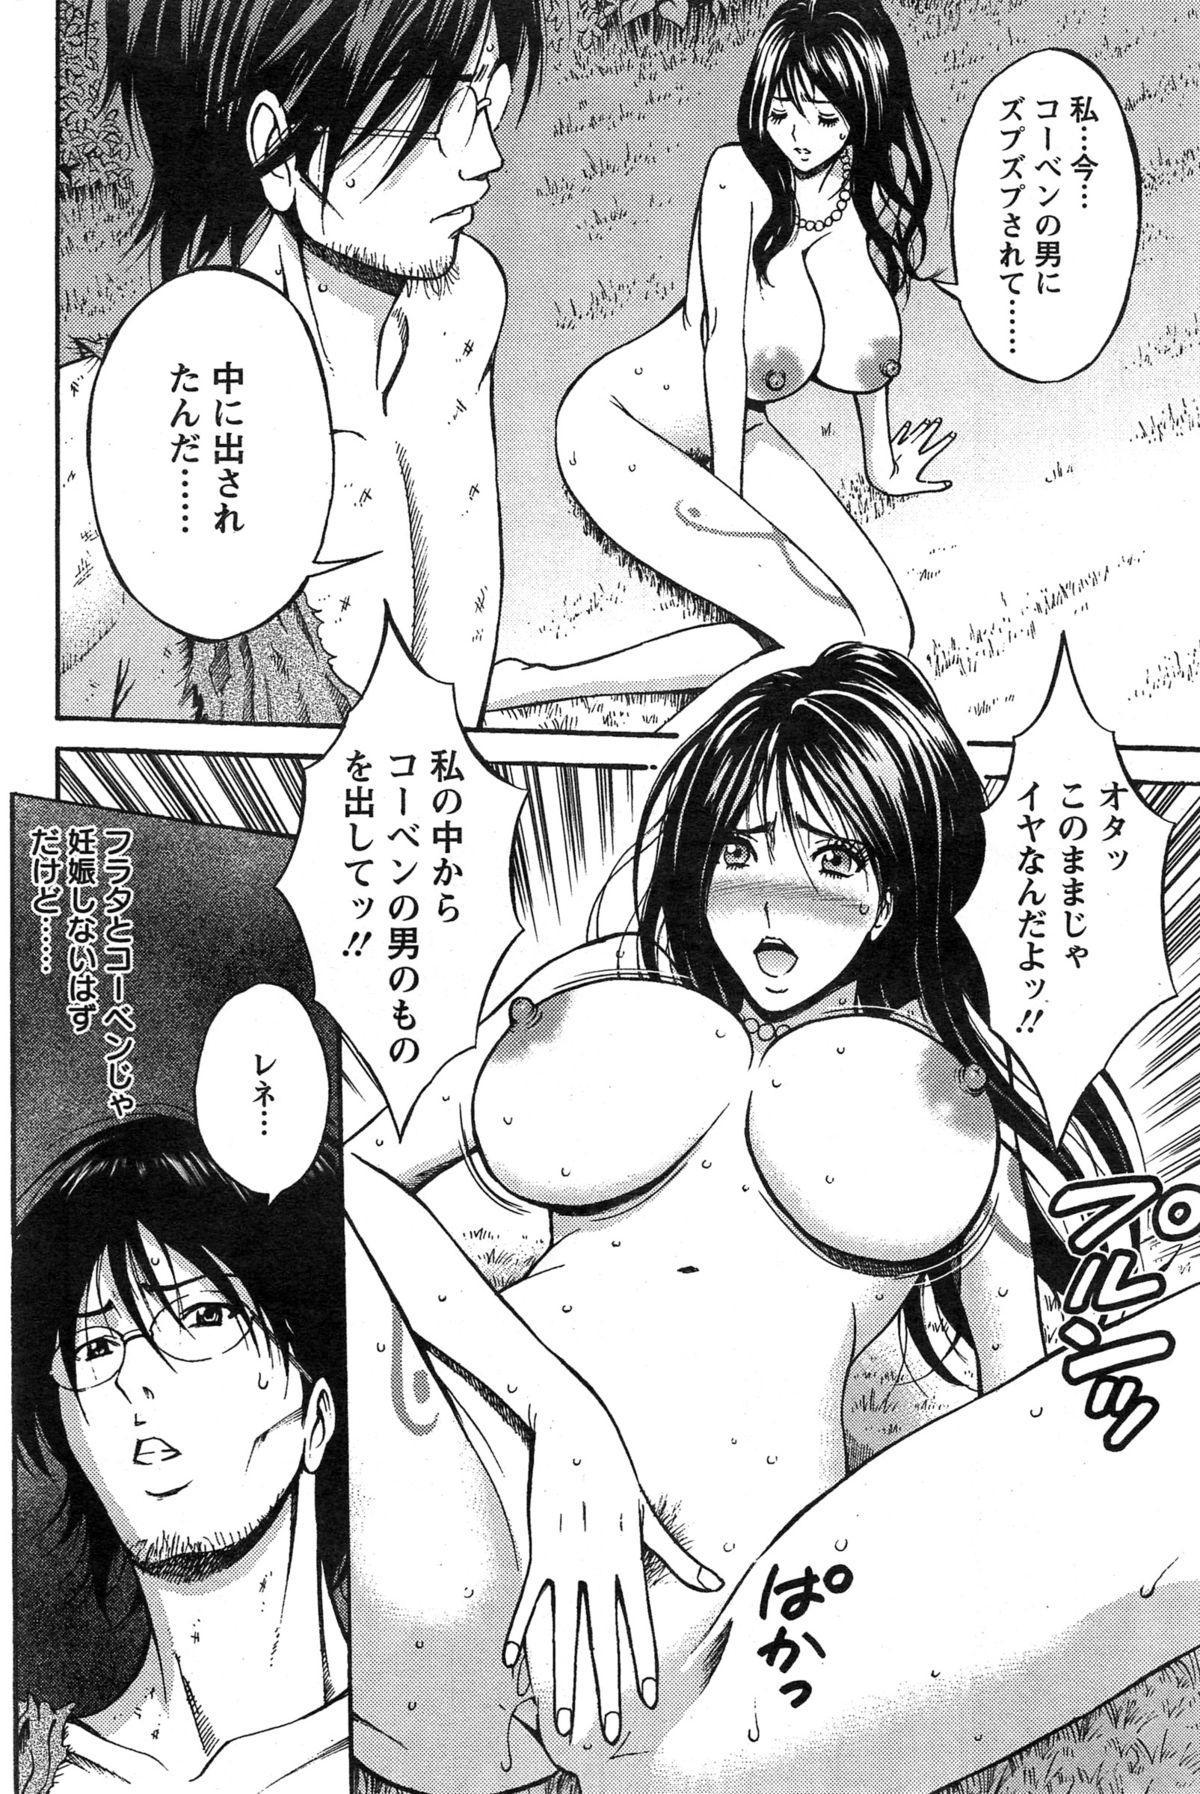 Kigenzen 10000 Nen no Ota Ch. 1-14 250